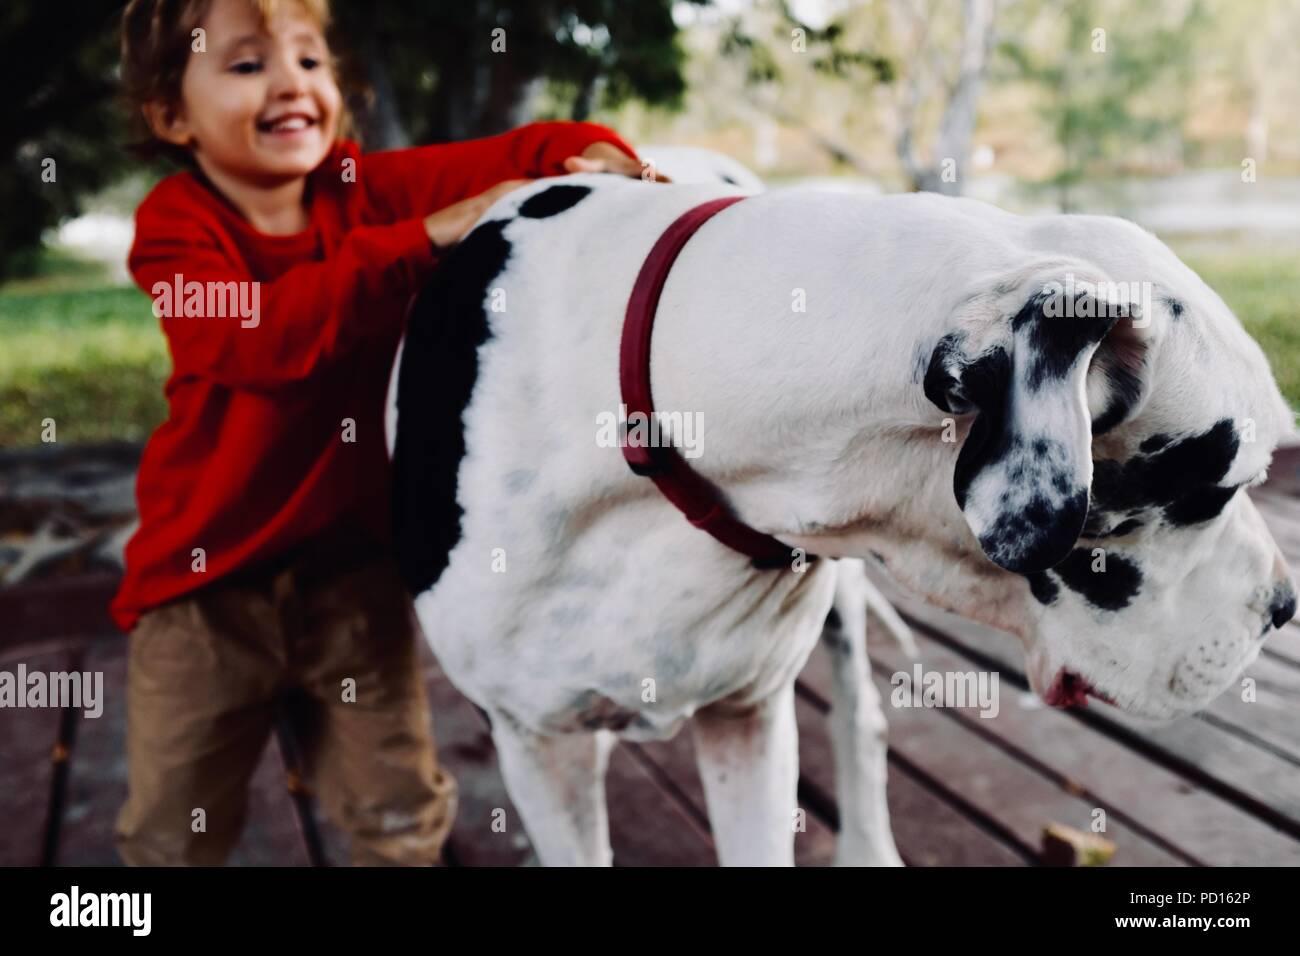 Una giovane ragazza di coccole e sorrisi con un bianco e nero alano cane, Booroona sentiero a piedi sul fiume Ross, Rasmussen QLD 4815, Australia Immagini Stock